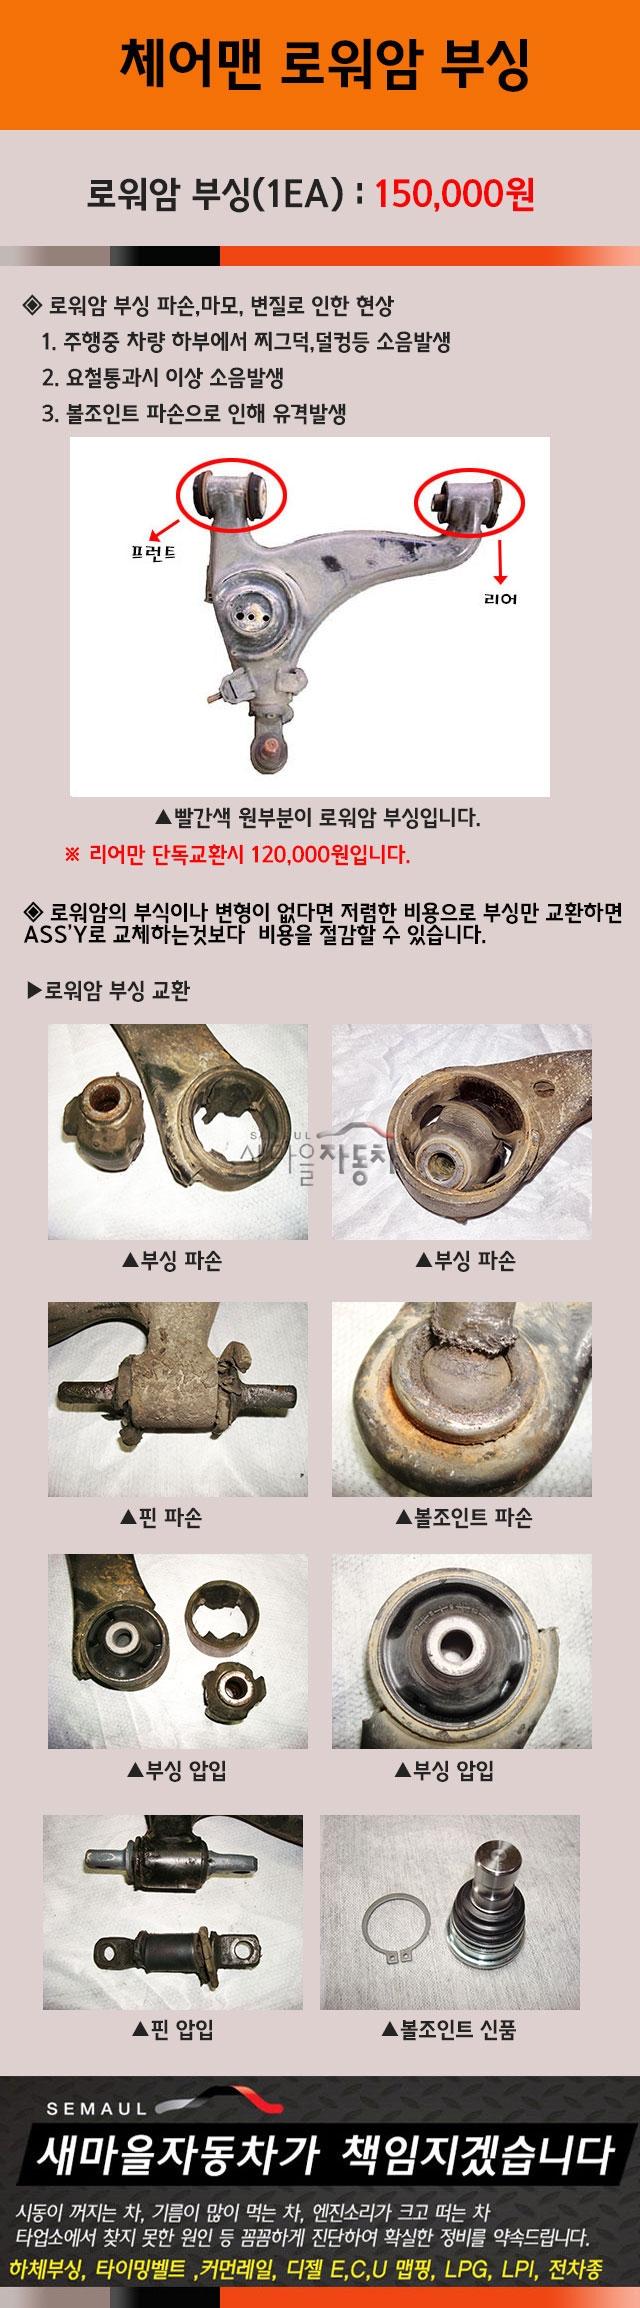 체어맨-로워암-최종.jpg